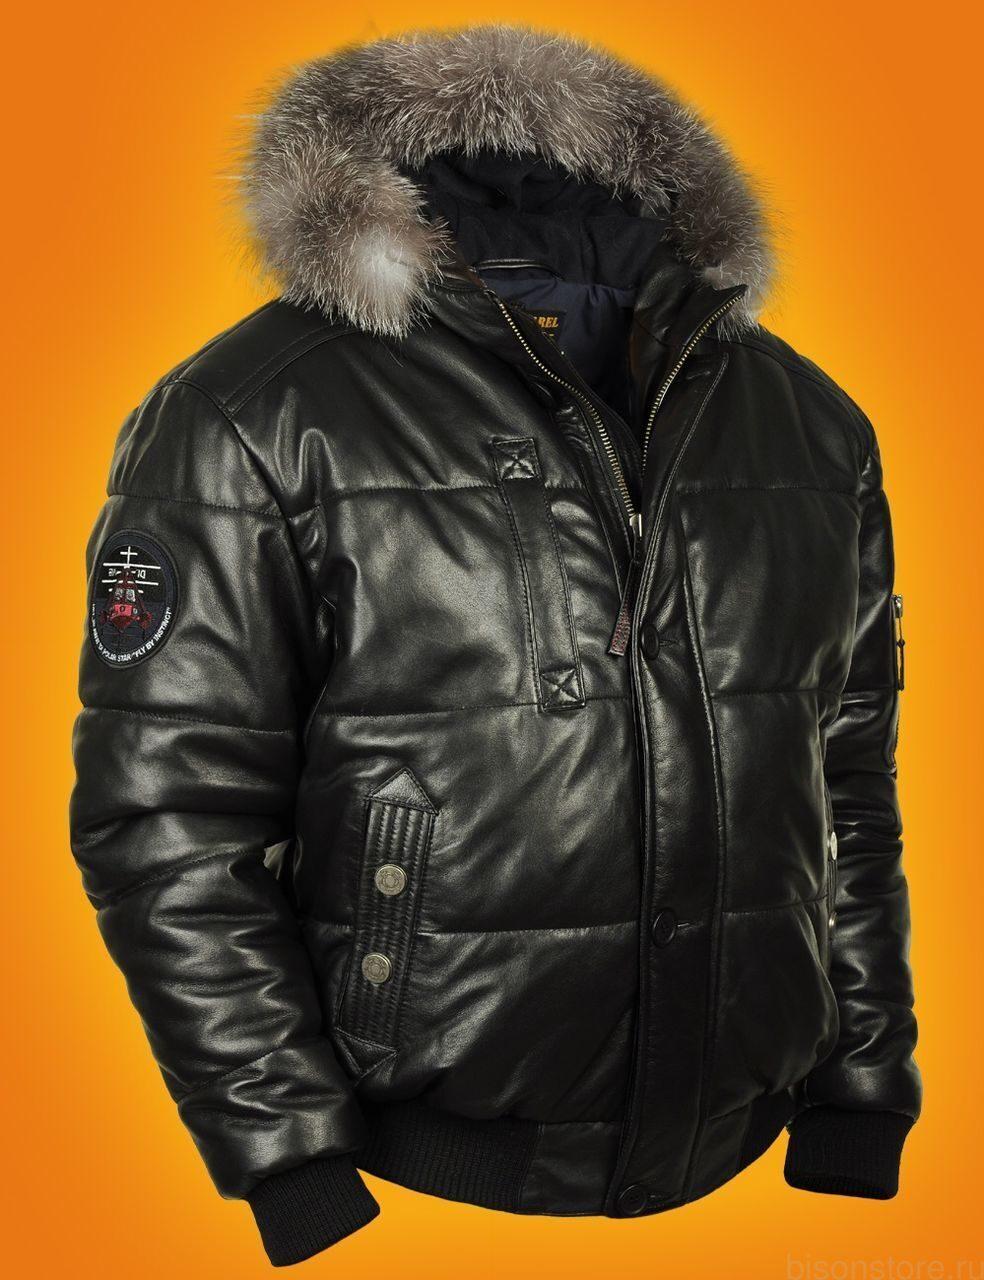 Мужской кожаный куртки цена